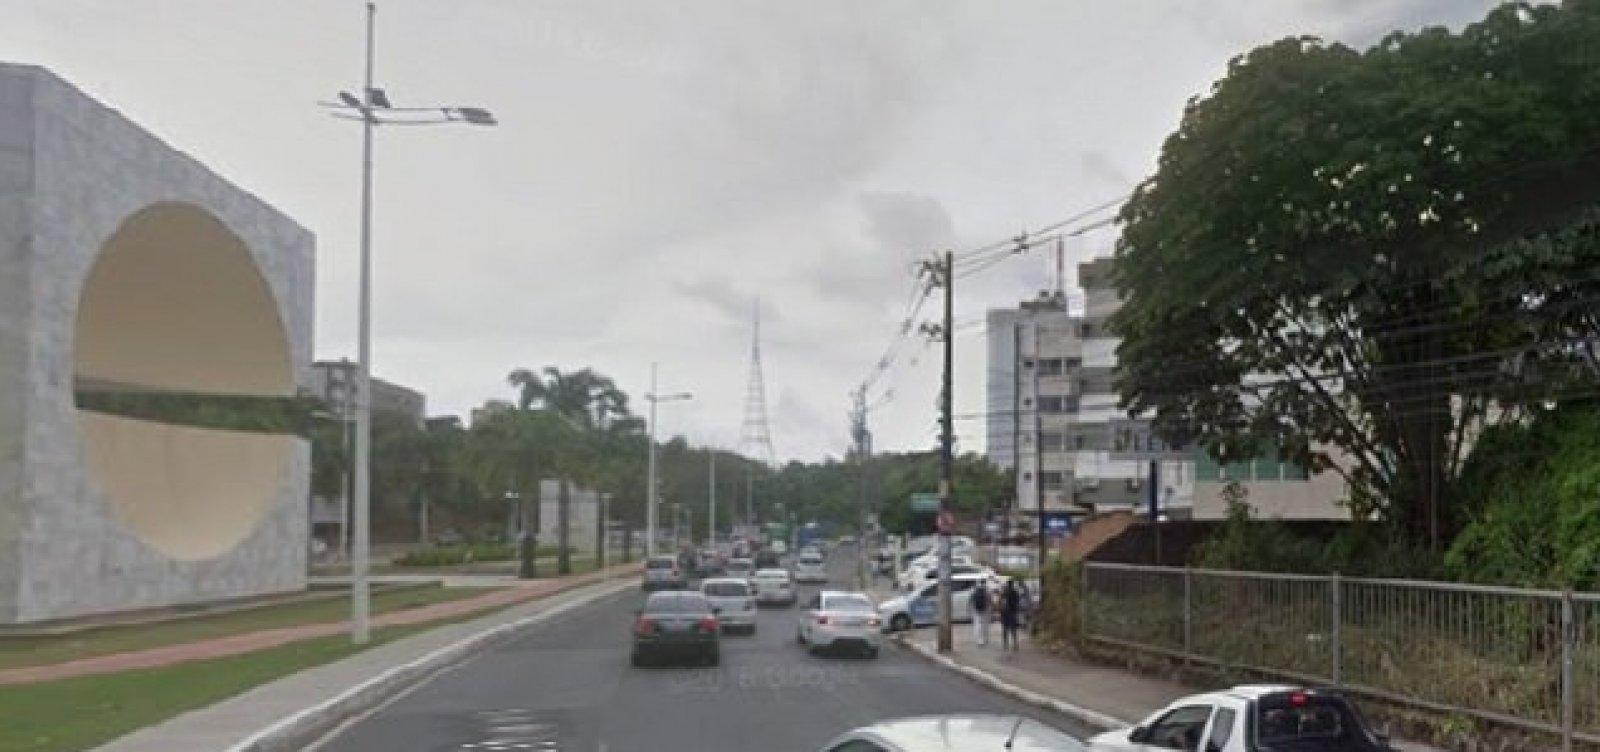 [Vazamento de água em pista deixa trânsito lento na Avenida Garibaldi ]